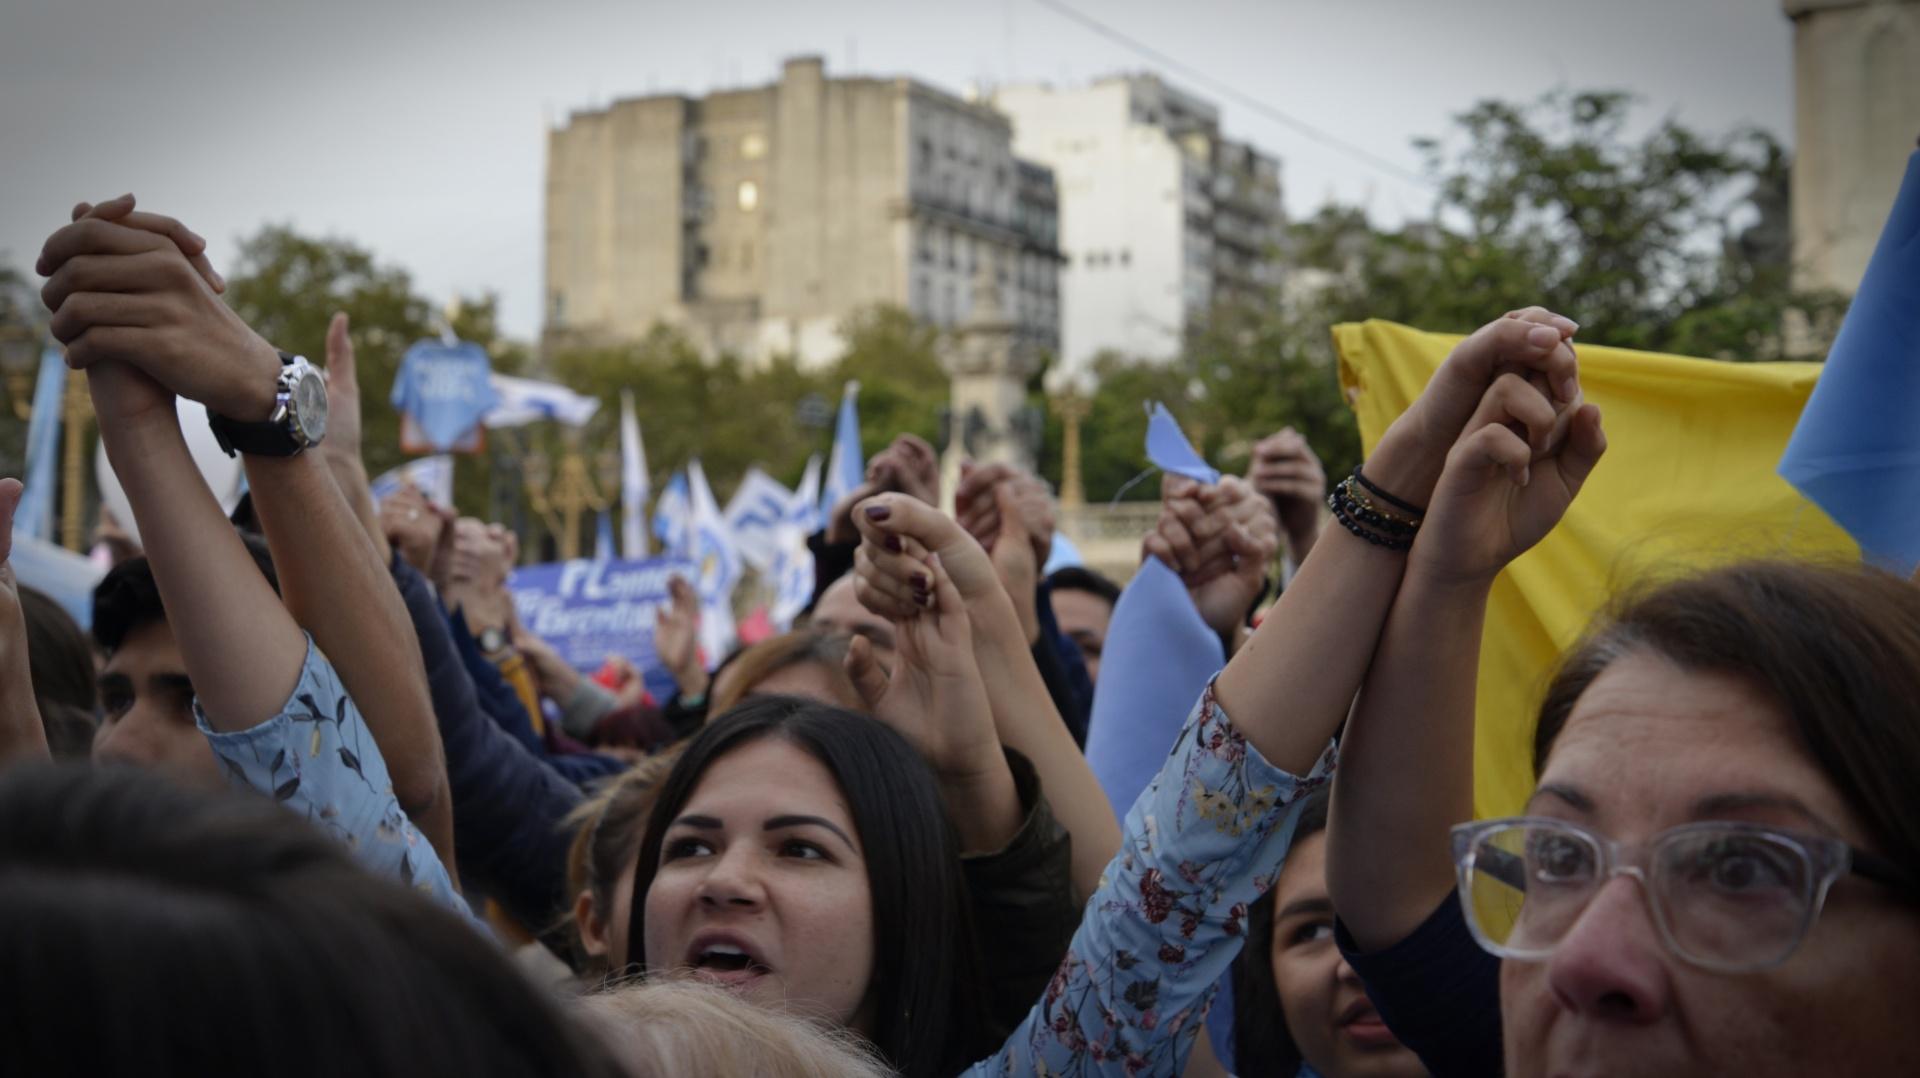 Tomados de las manos, los manifestantes insistieron con el pedido de que no se apruebe la ley